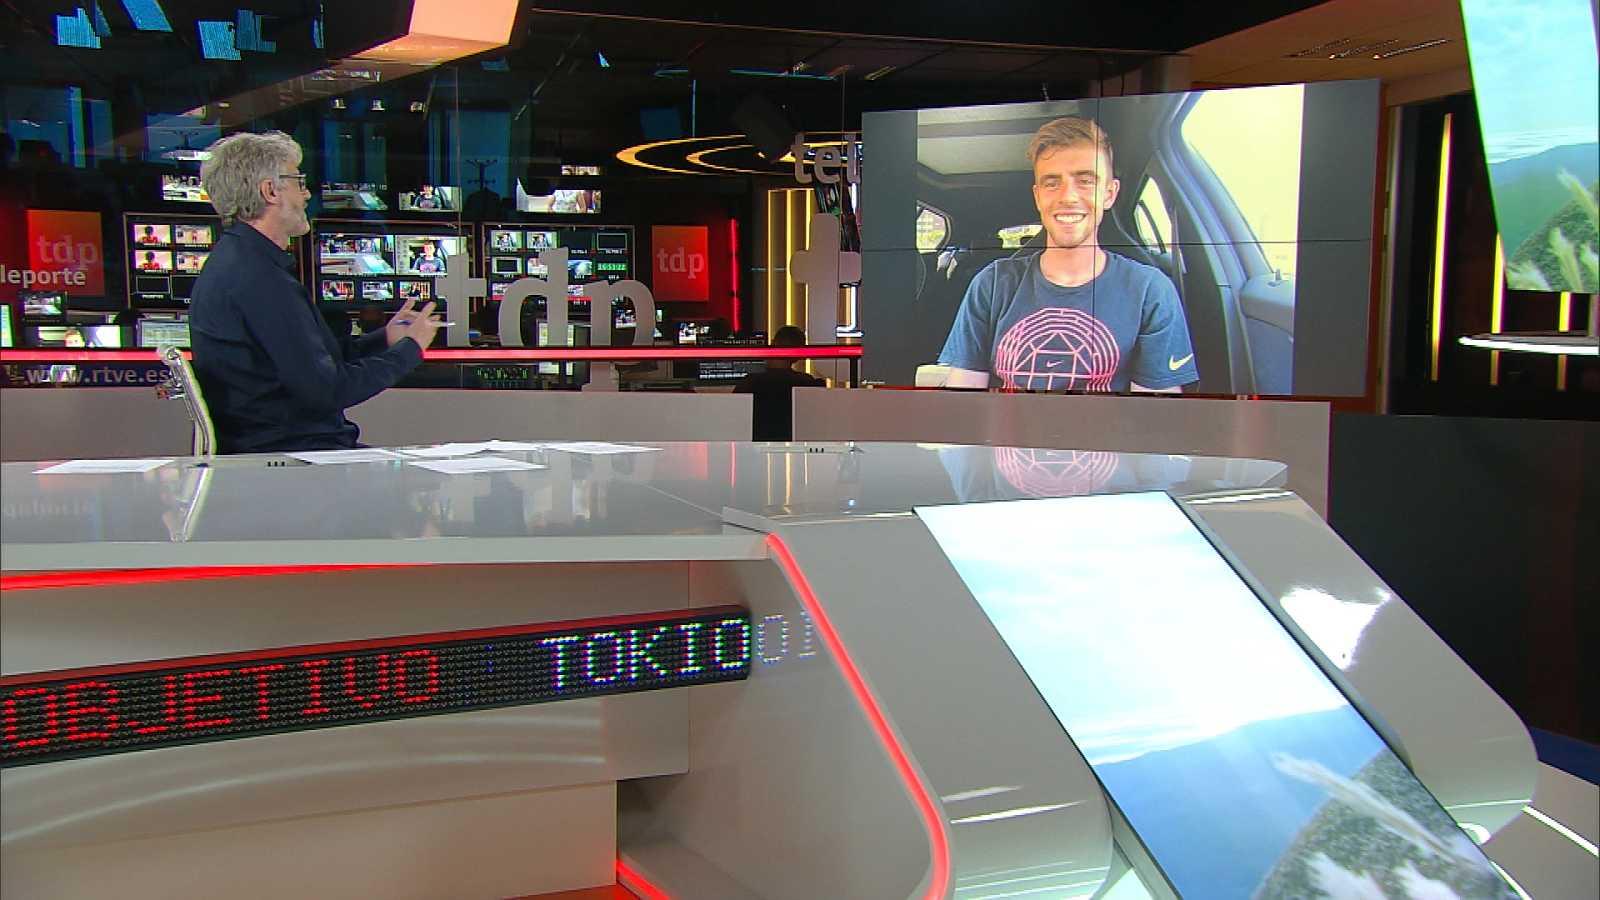 Objetivo Tokio - Programa 163: Adrián Ben, atleta español clasificado para los JJOO de Tokio 2020 y Paloma del Río, periodista de RTVE - ver ahora